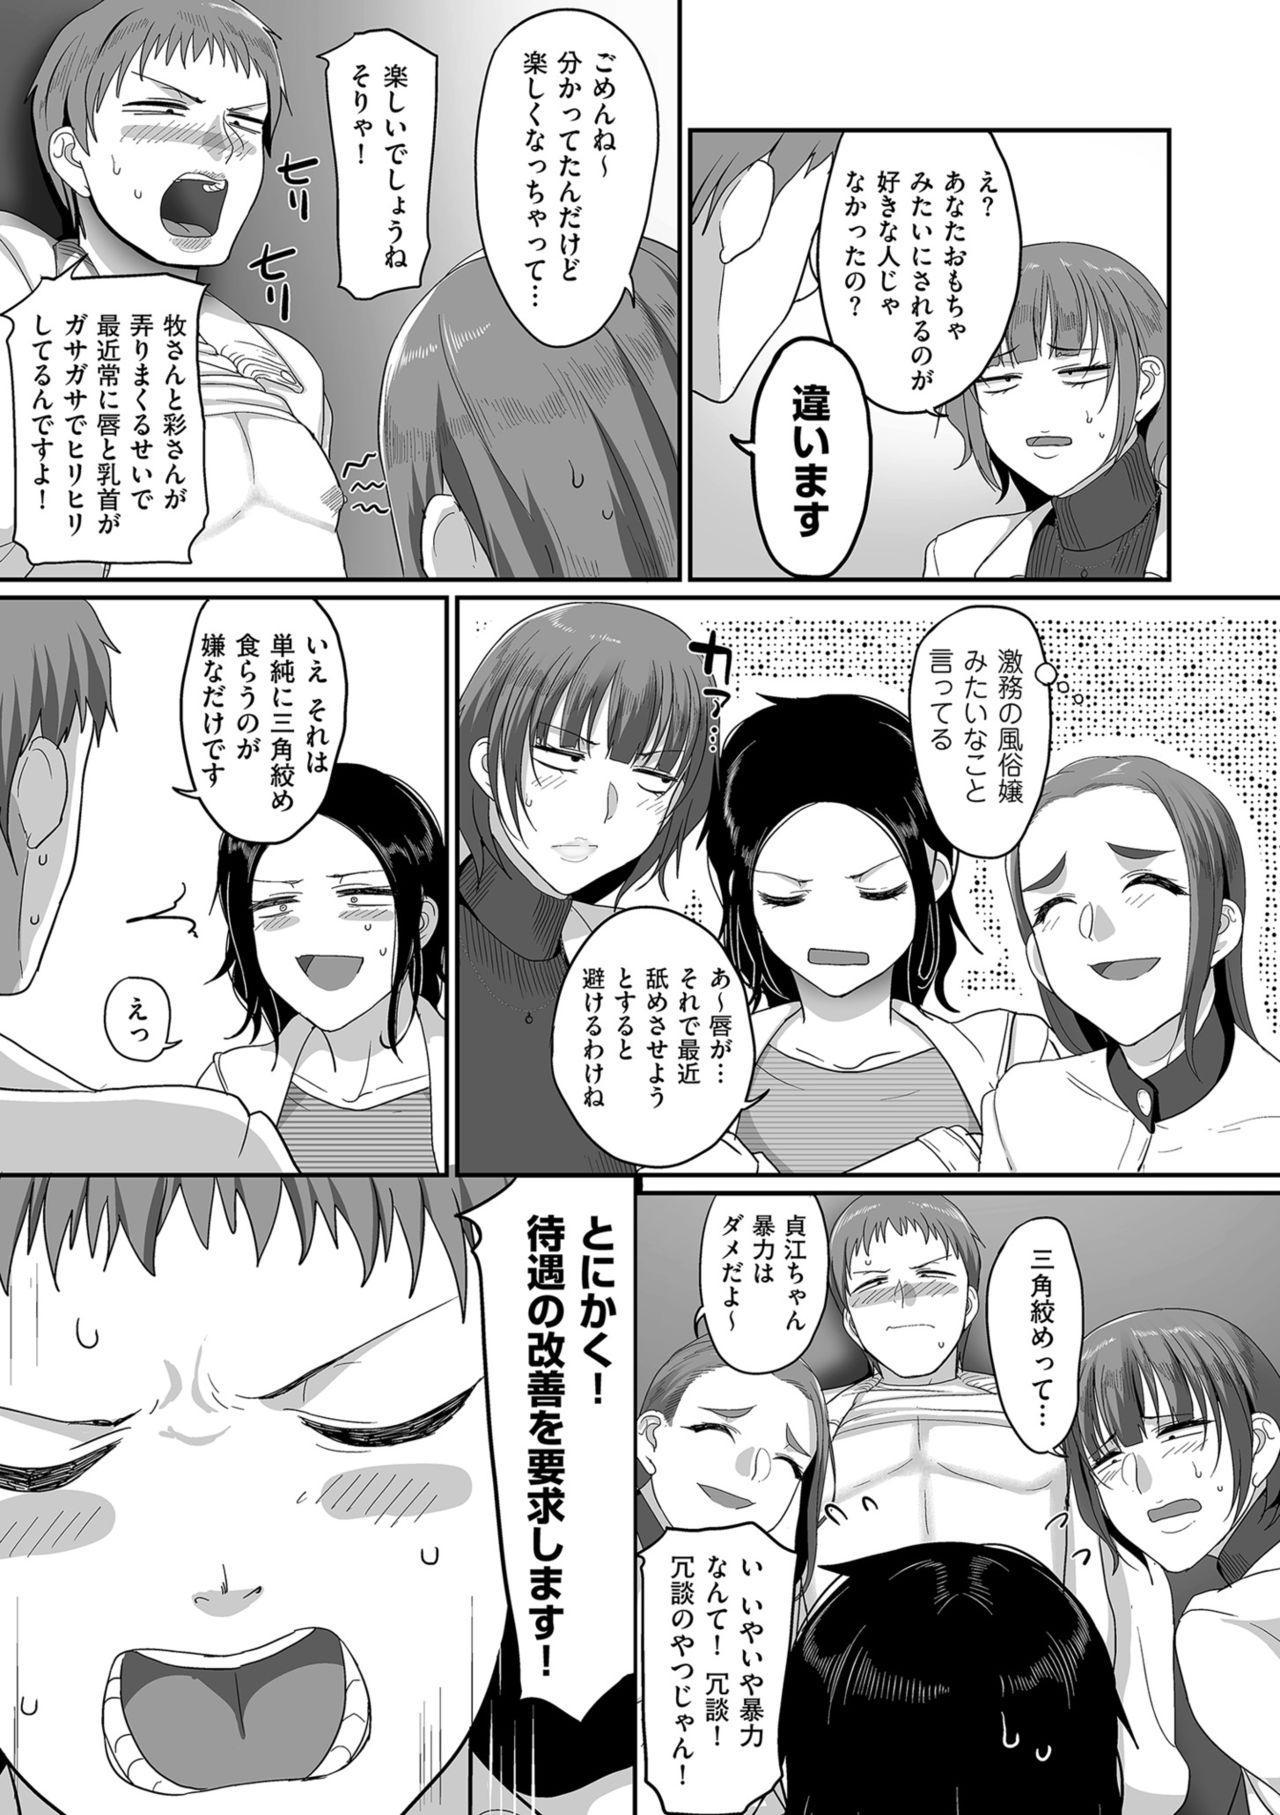 [Yamamoto Zenzen] S-ken K-shi Shakaijin Joshi Volleyball Circle no Jijou [Digital] 84